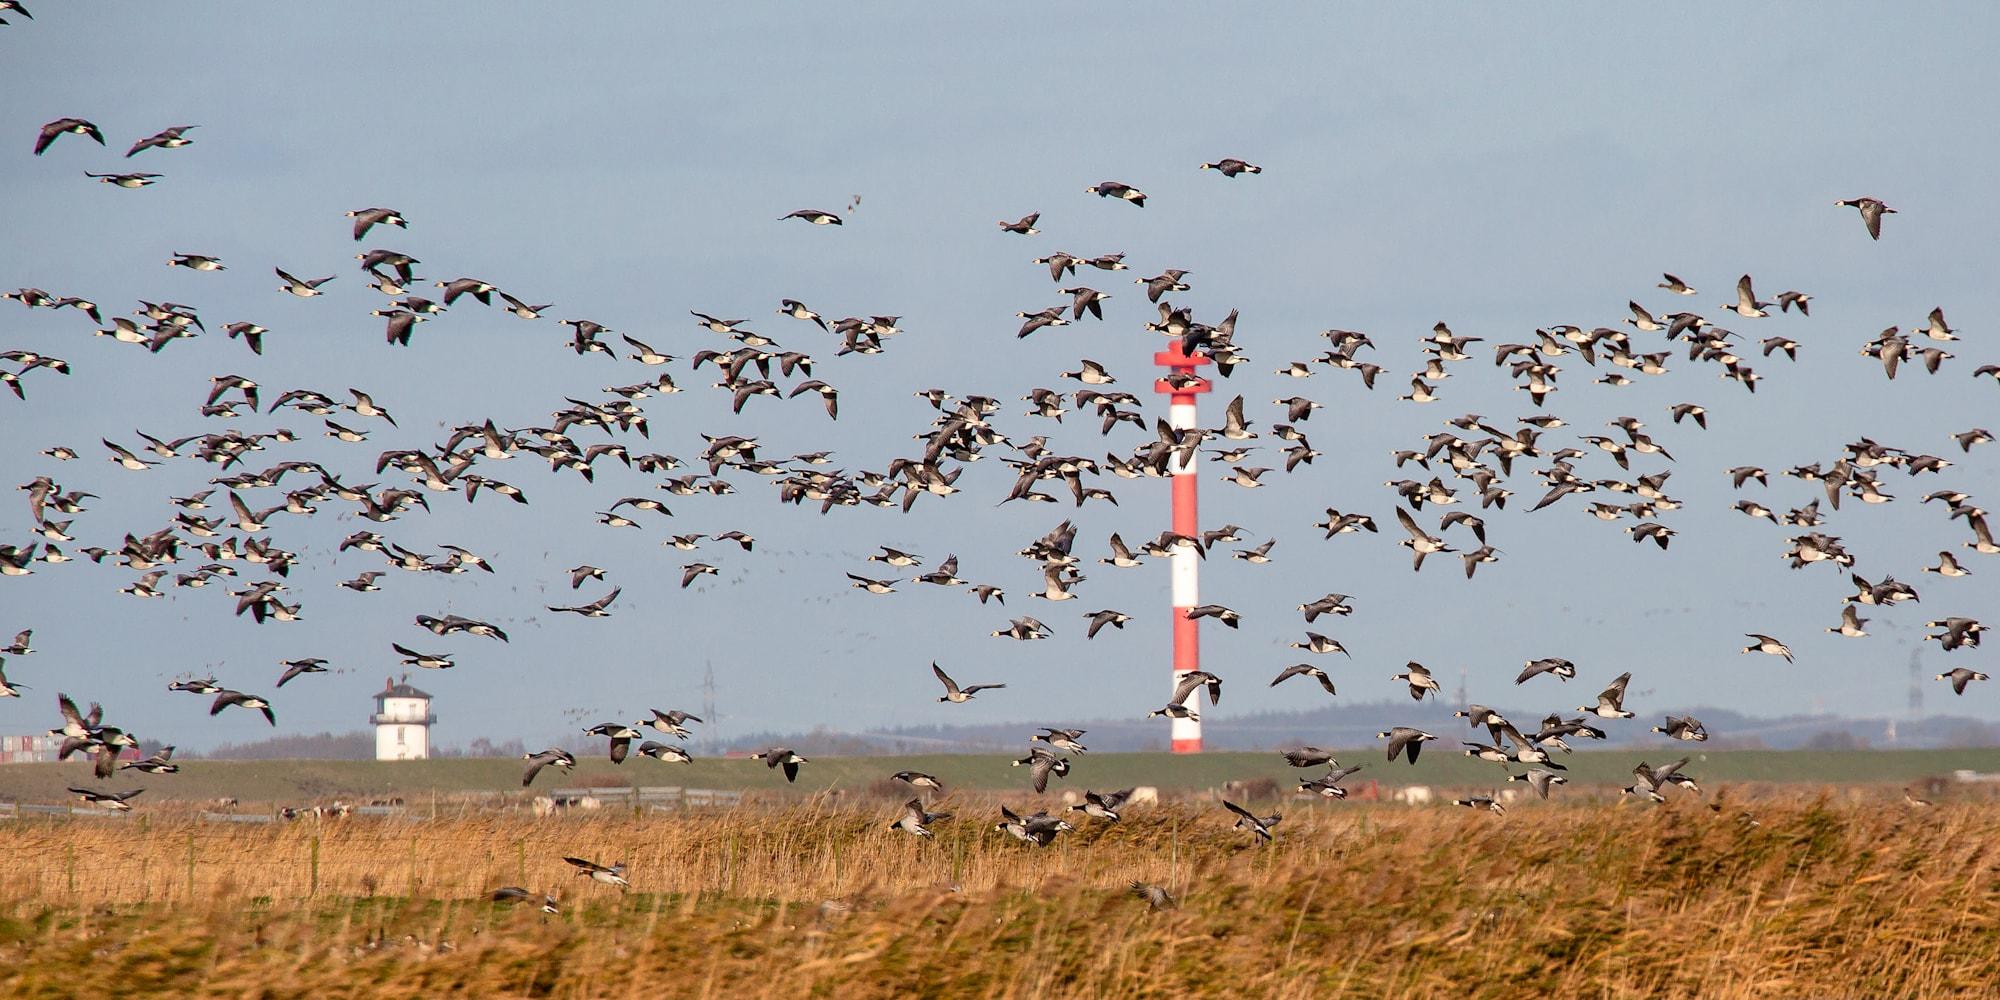 Trekvogels in de buurt van Cuxhaven